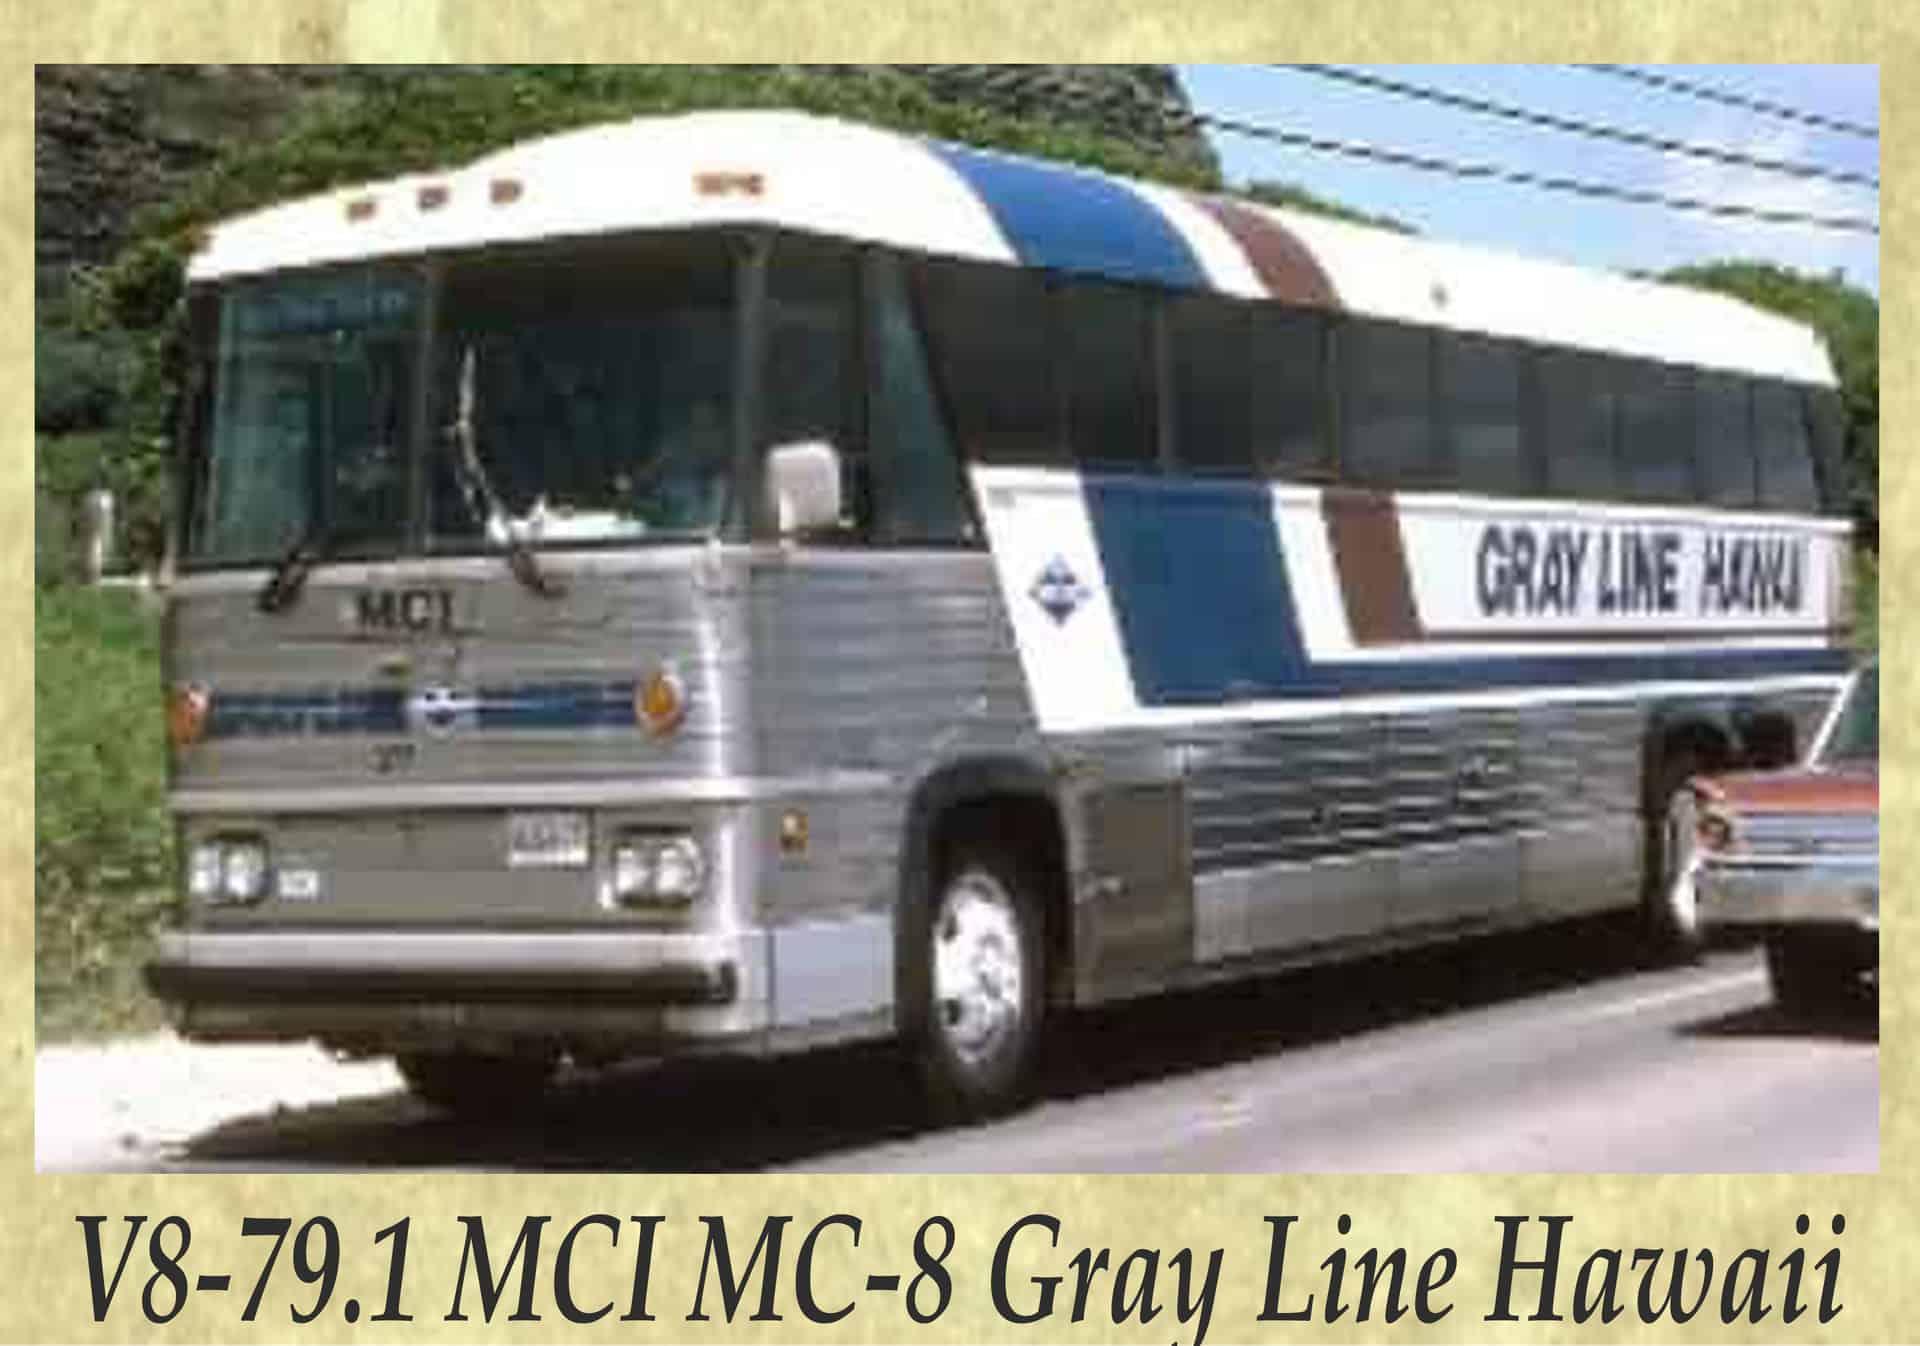 V8-79.1 MCI MC-8 Gray Line Hawaii